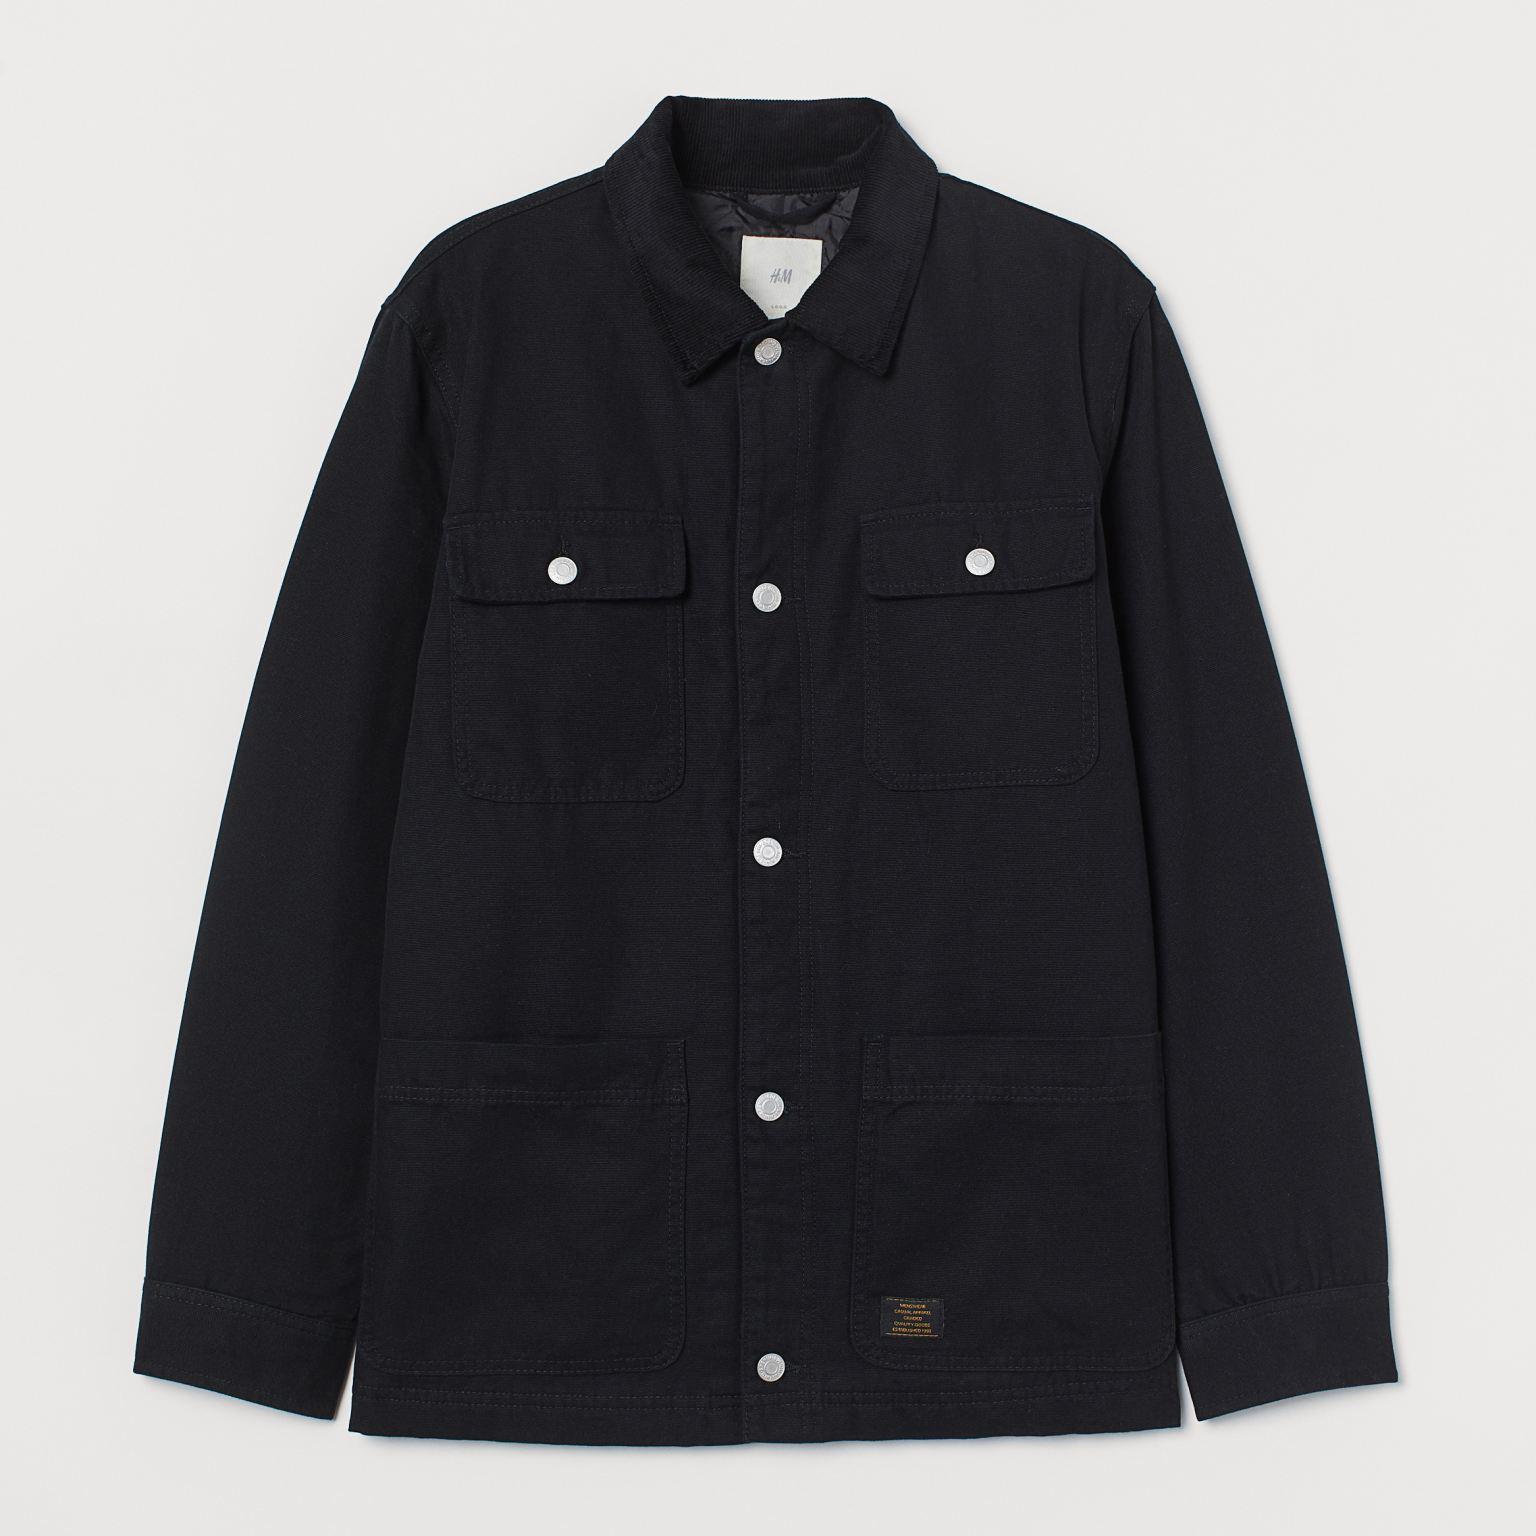 H&M Corduroy Collared Jacket